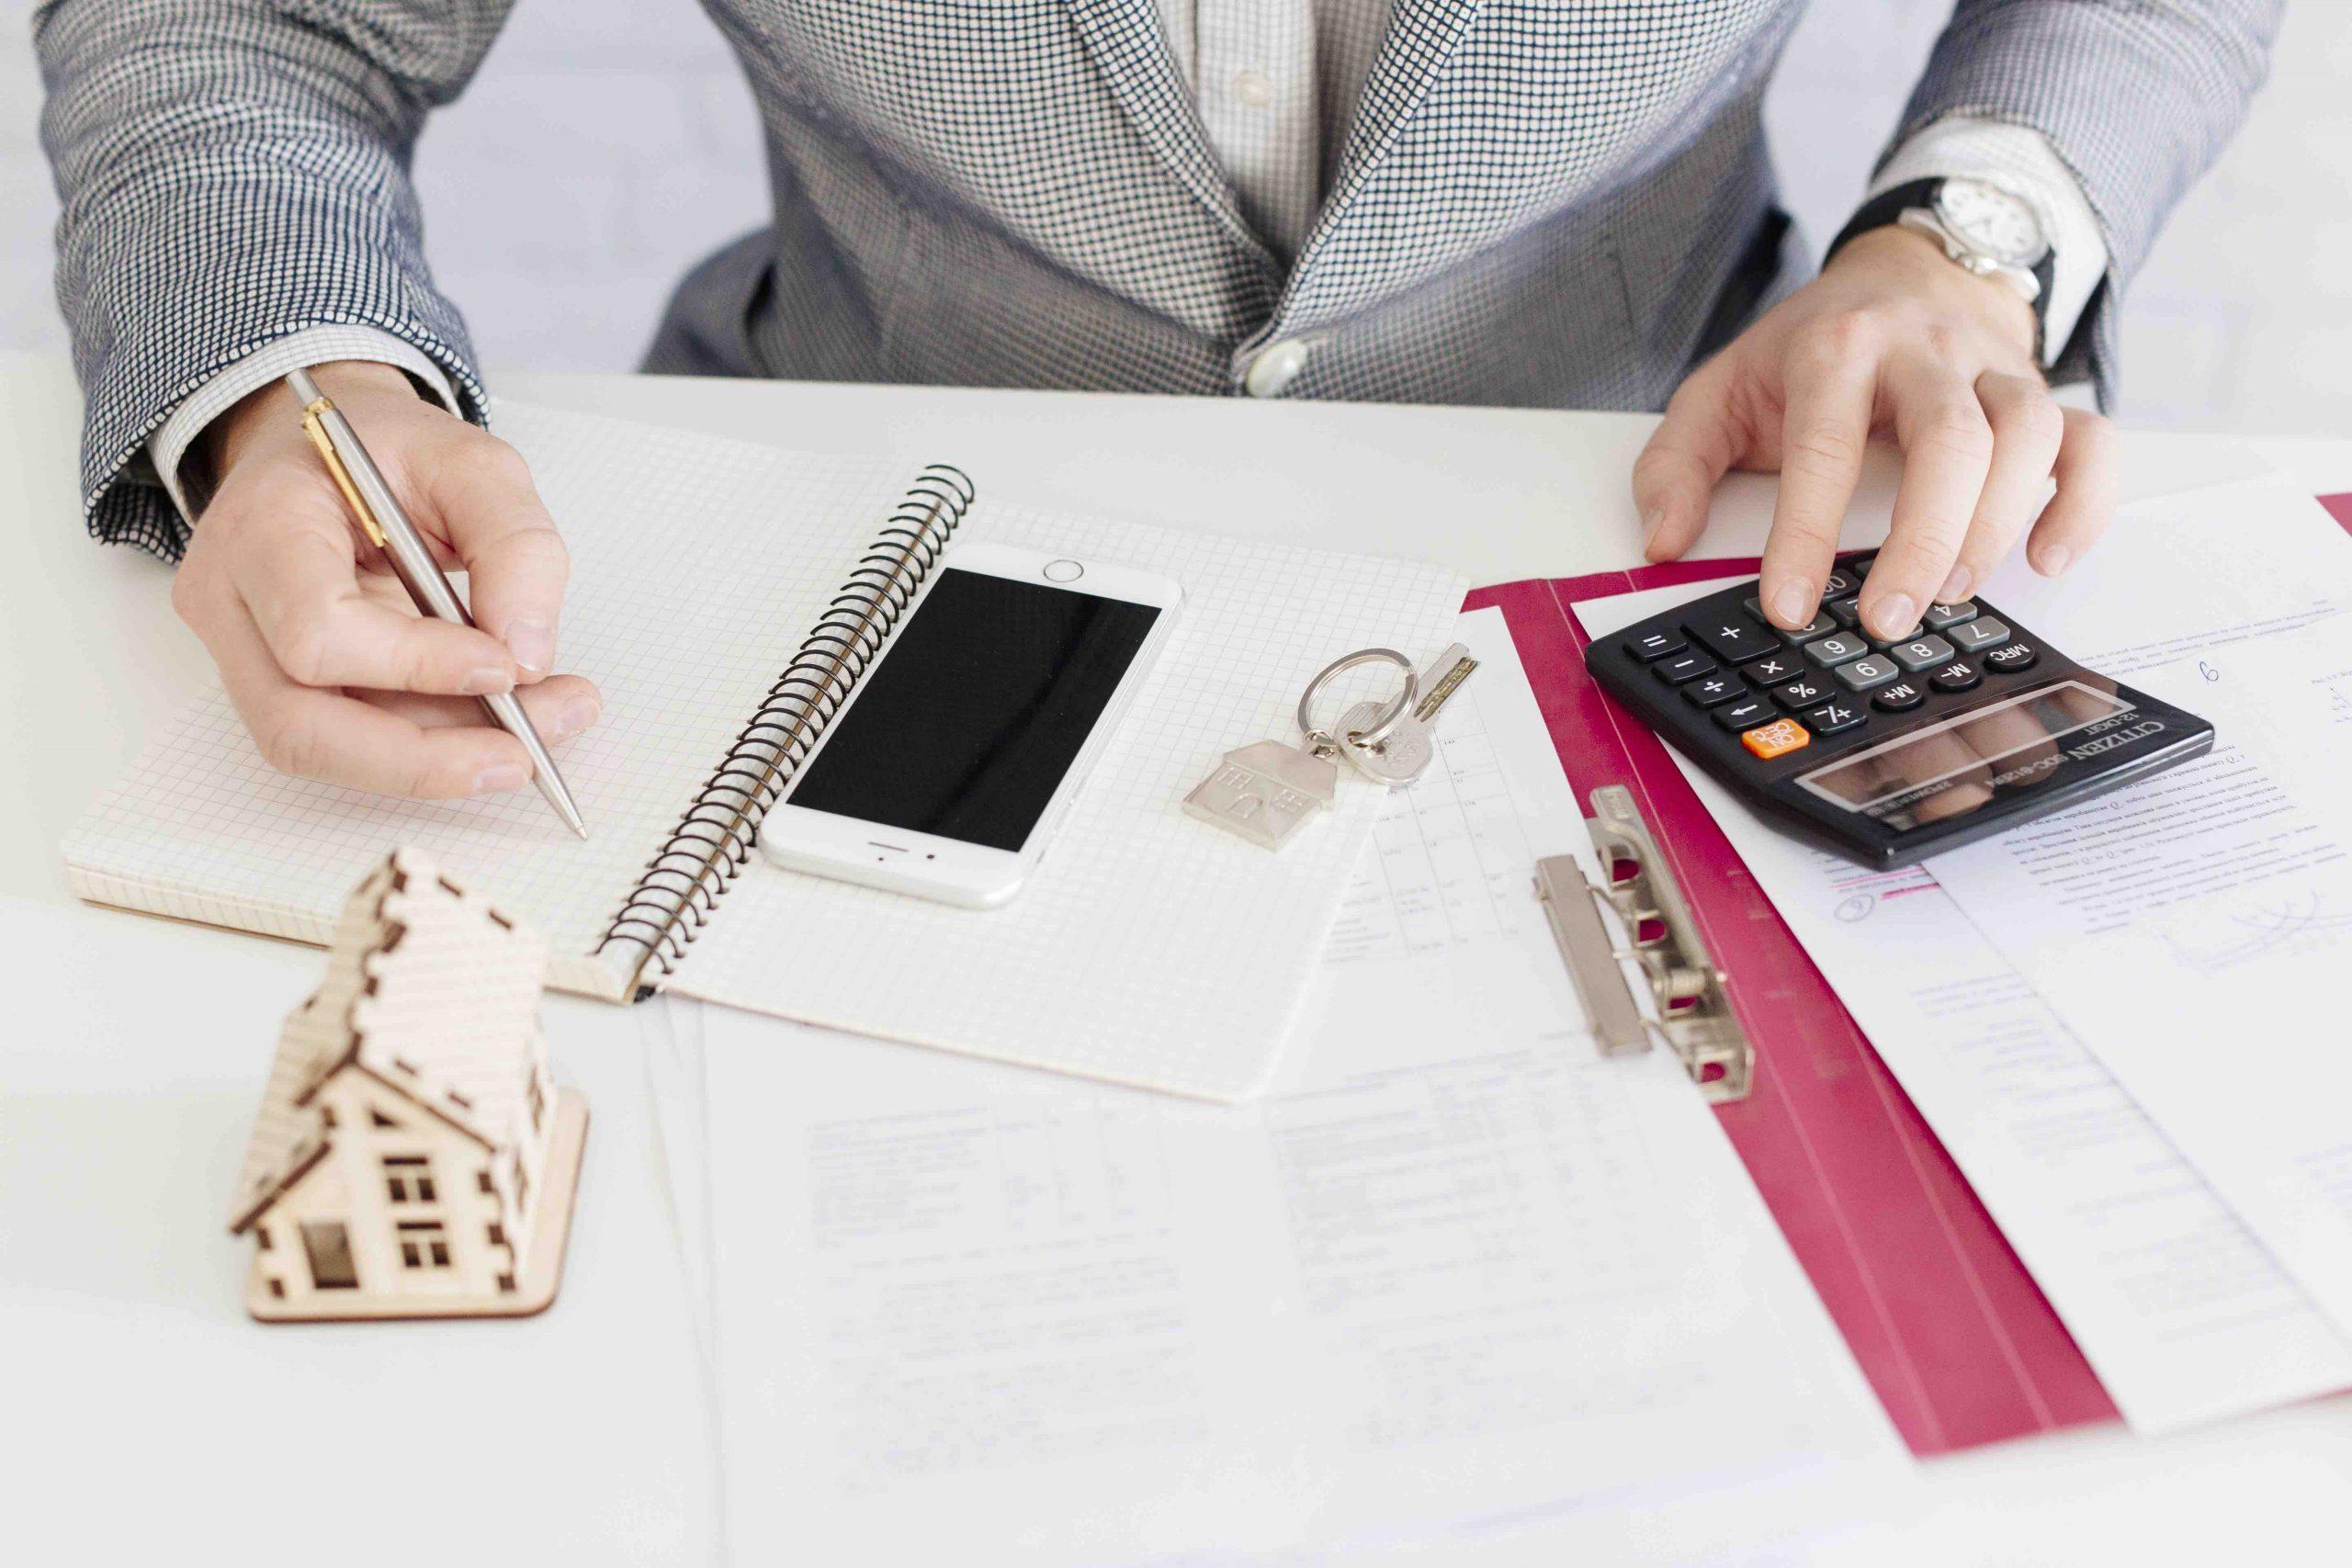 ¿Cómo calcular la plusvalía de tu propiedad?